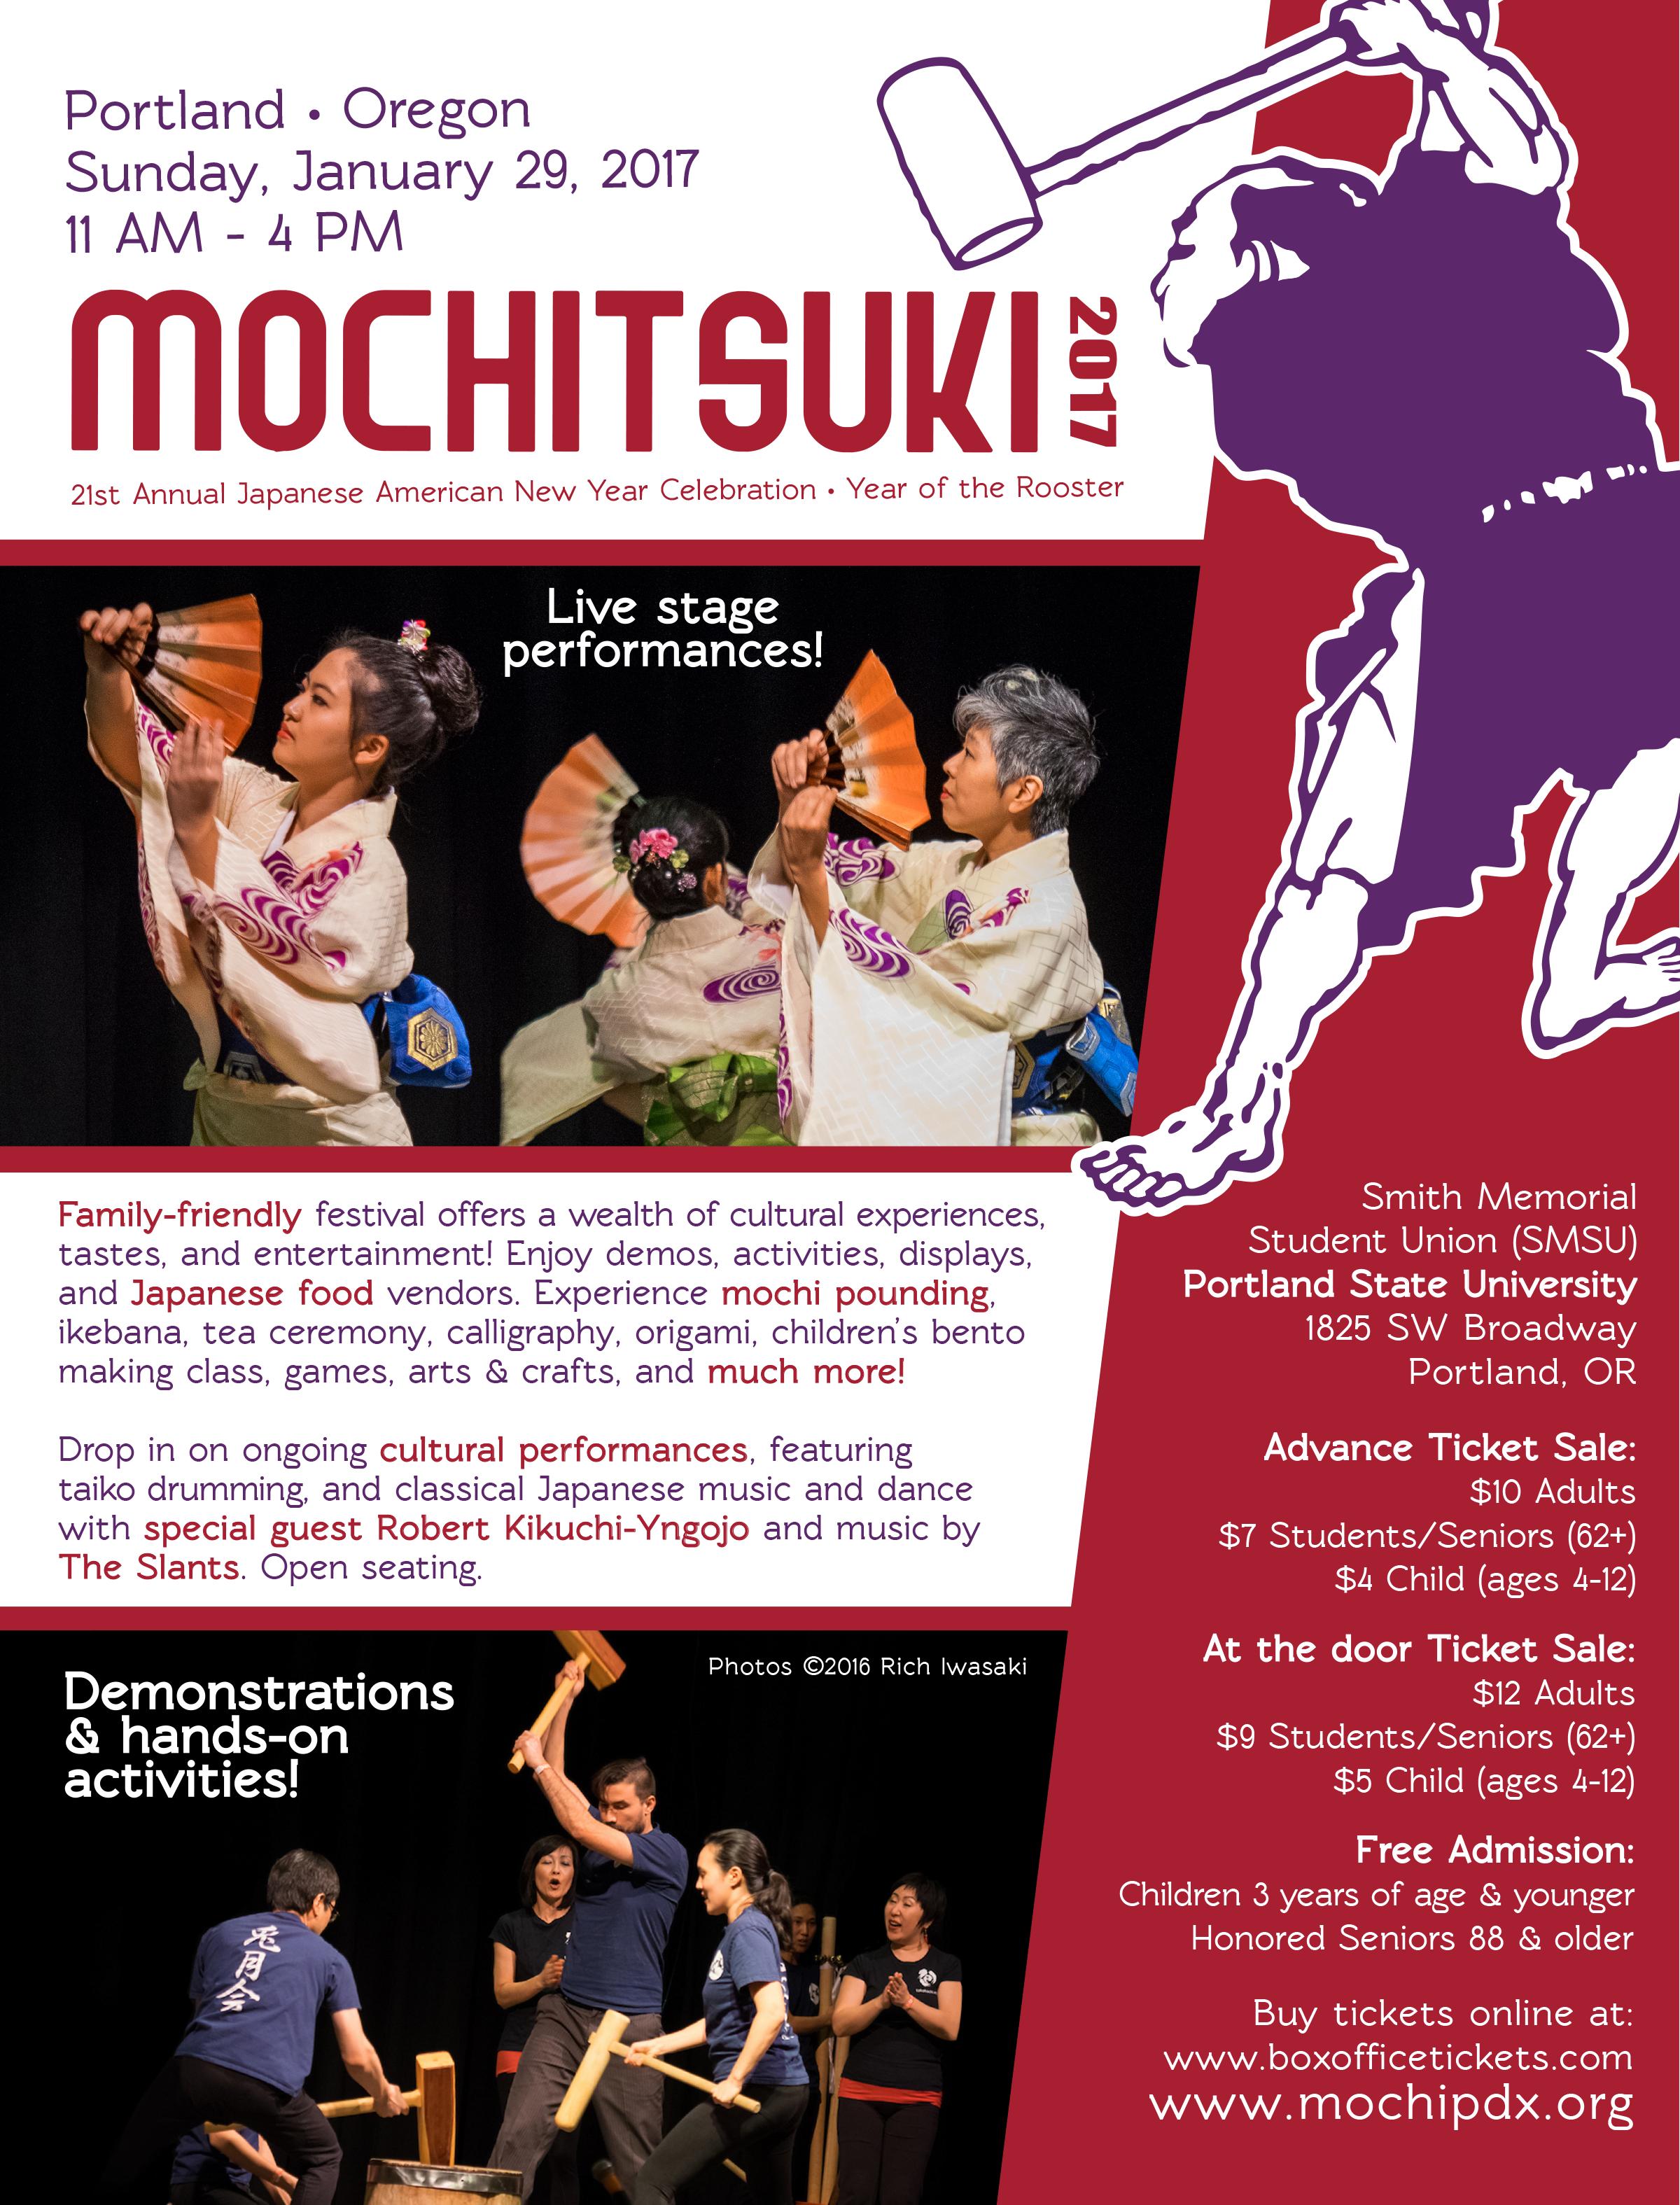 Mochitsuki 2017